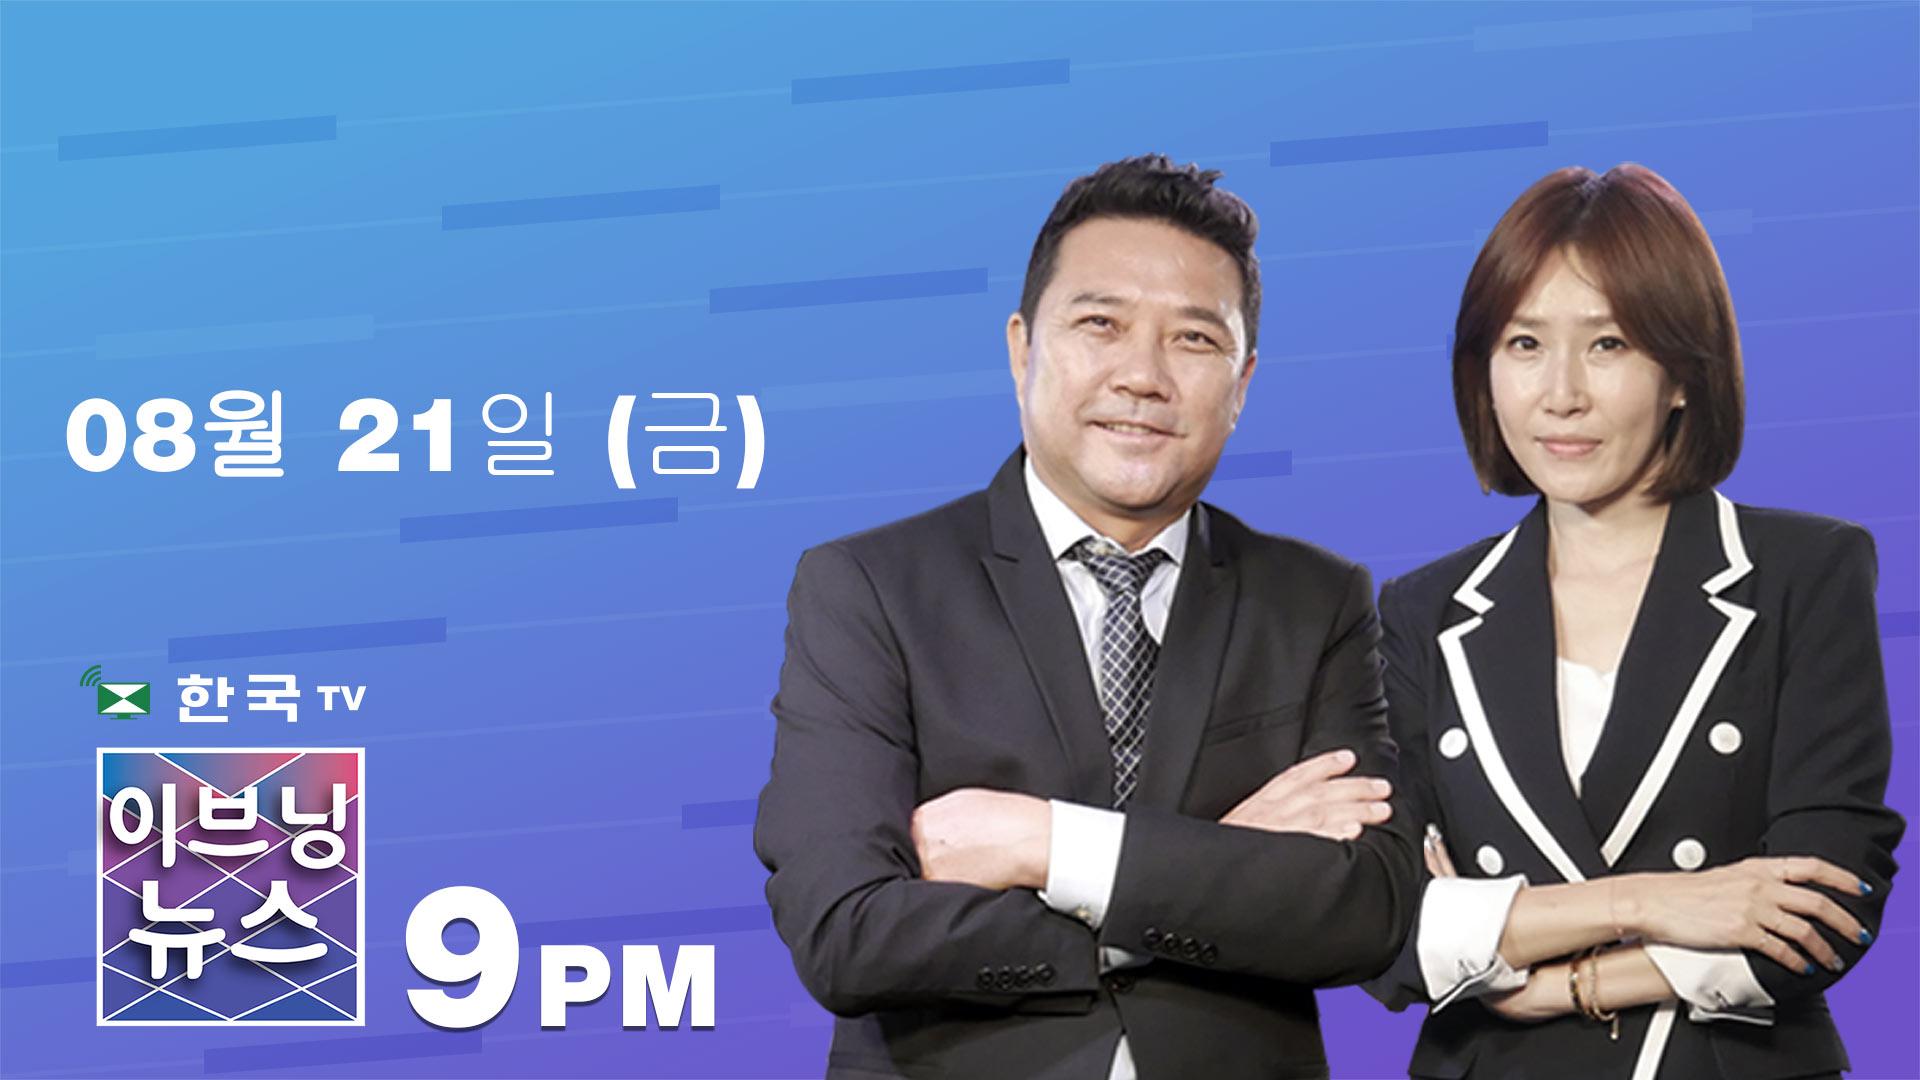 (08.21.2020) 한국TV 이브닝 뉴스